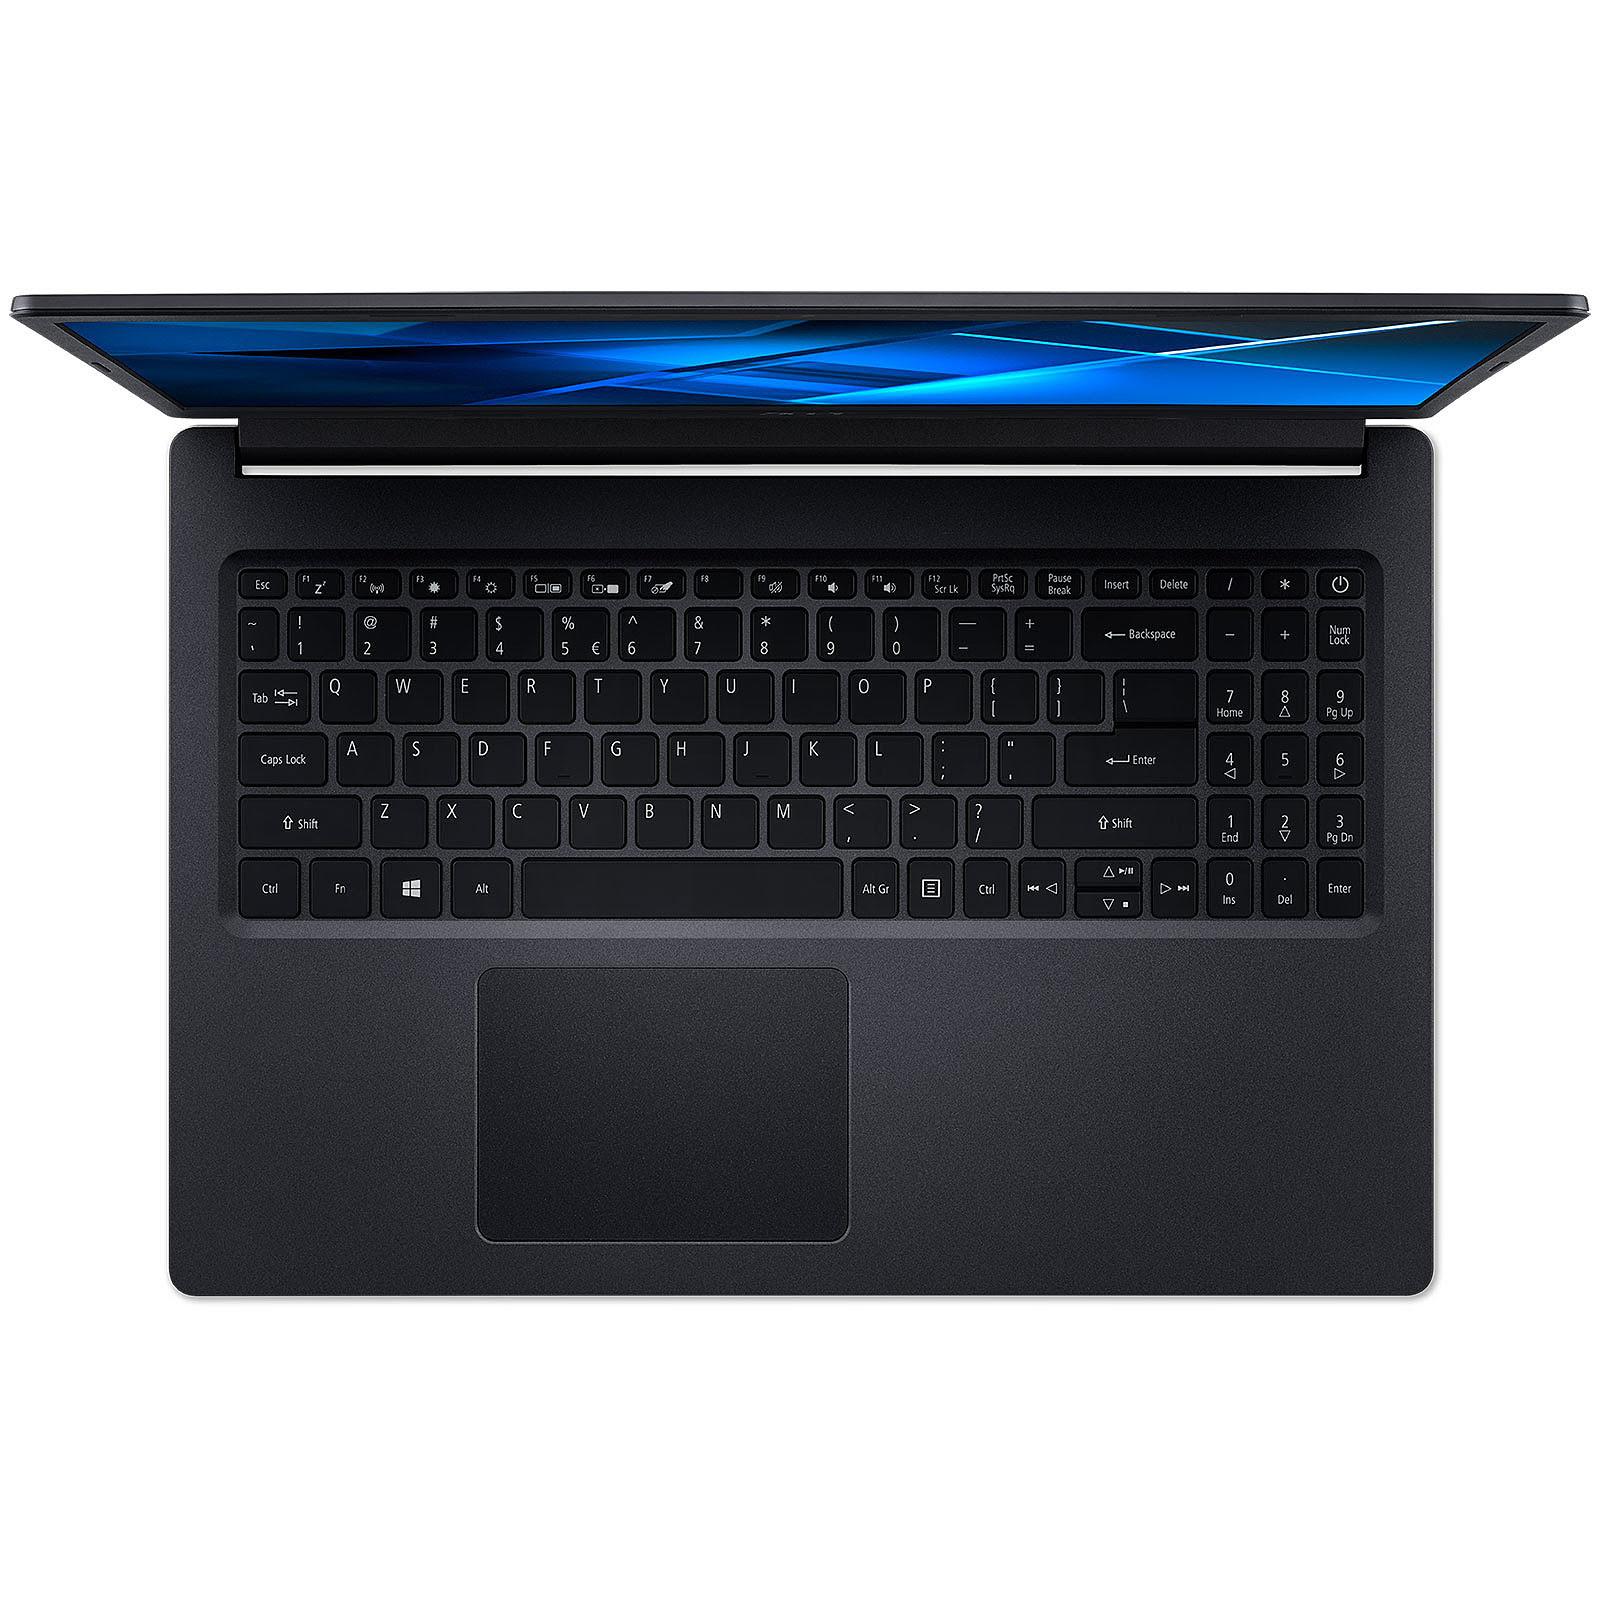 Acer NX.EG9EF.001 - PC portable Acer - Cybertek.fr - 2